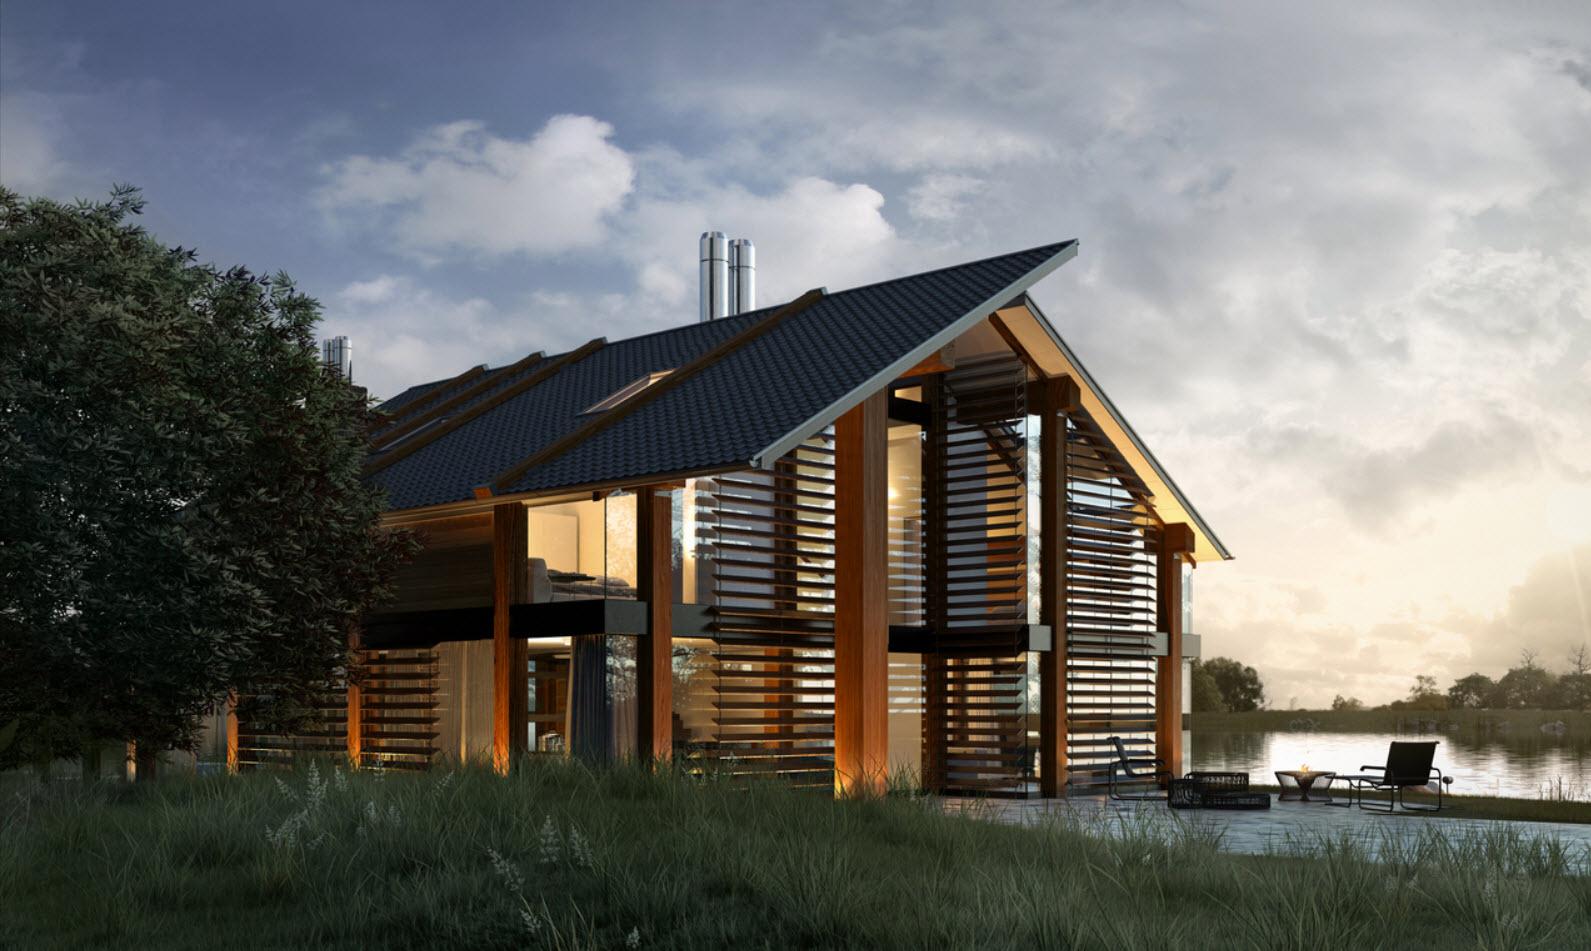 Dise o de casa de madera moderna hermosa fachada for Casas modernas 4 aguas